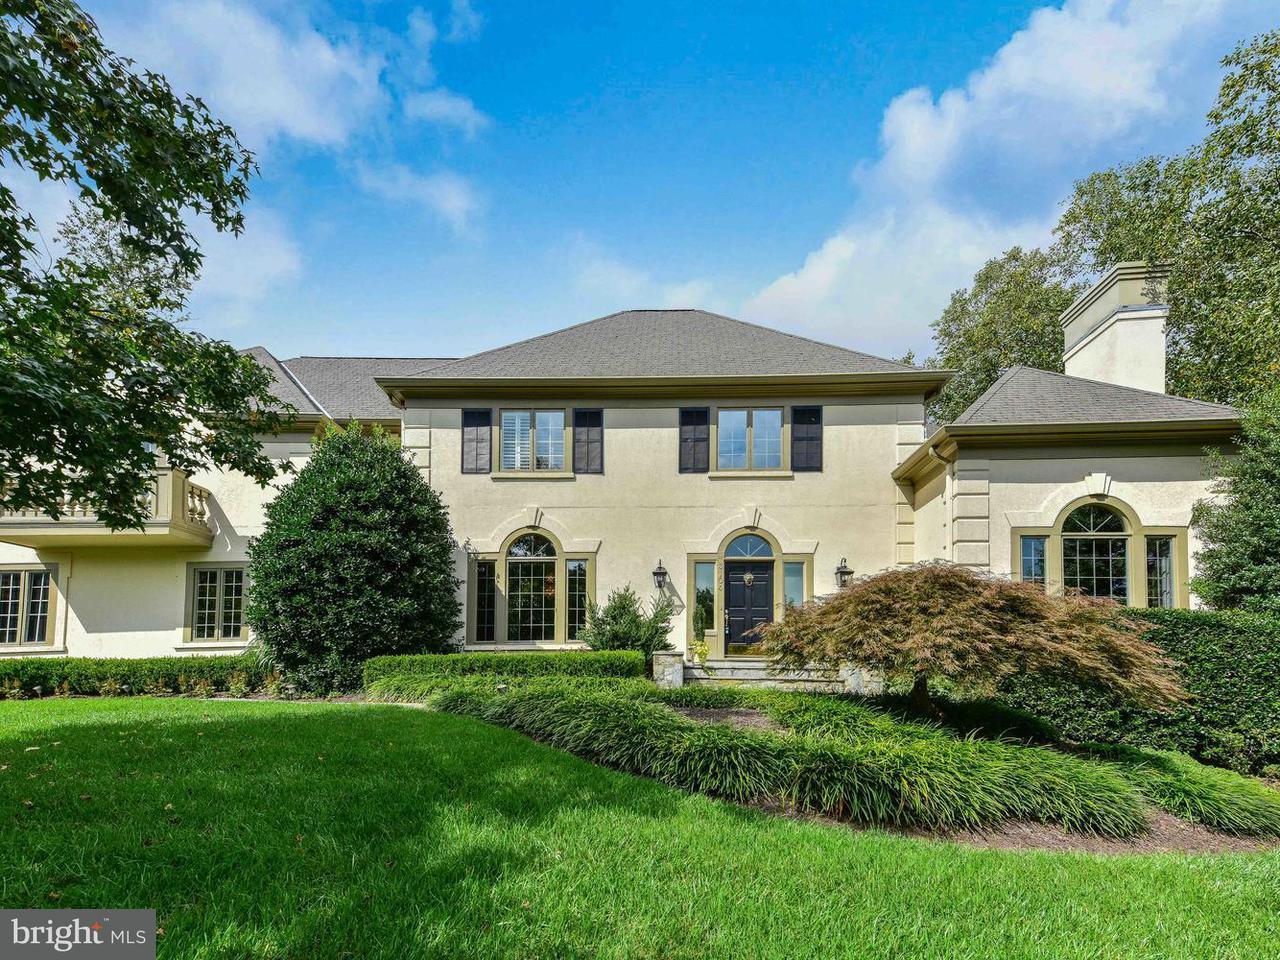 獨棟家庭住宅 為 出售 在 3104 WINDSONG Drive 3104 WINDSONG Drive Oakton, 弗吉尼亞州 22124 美國